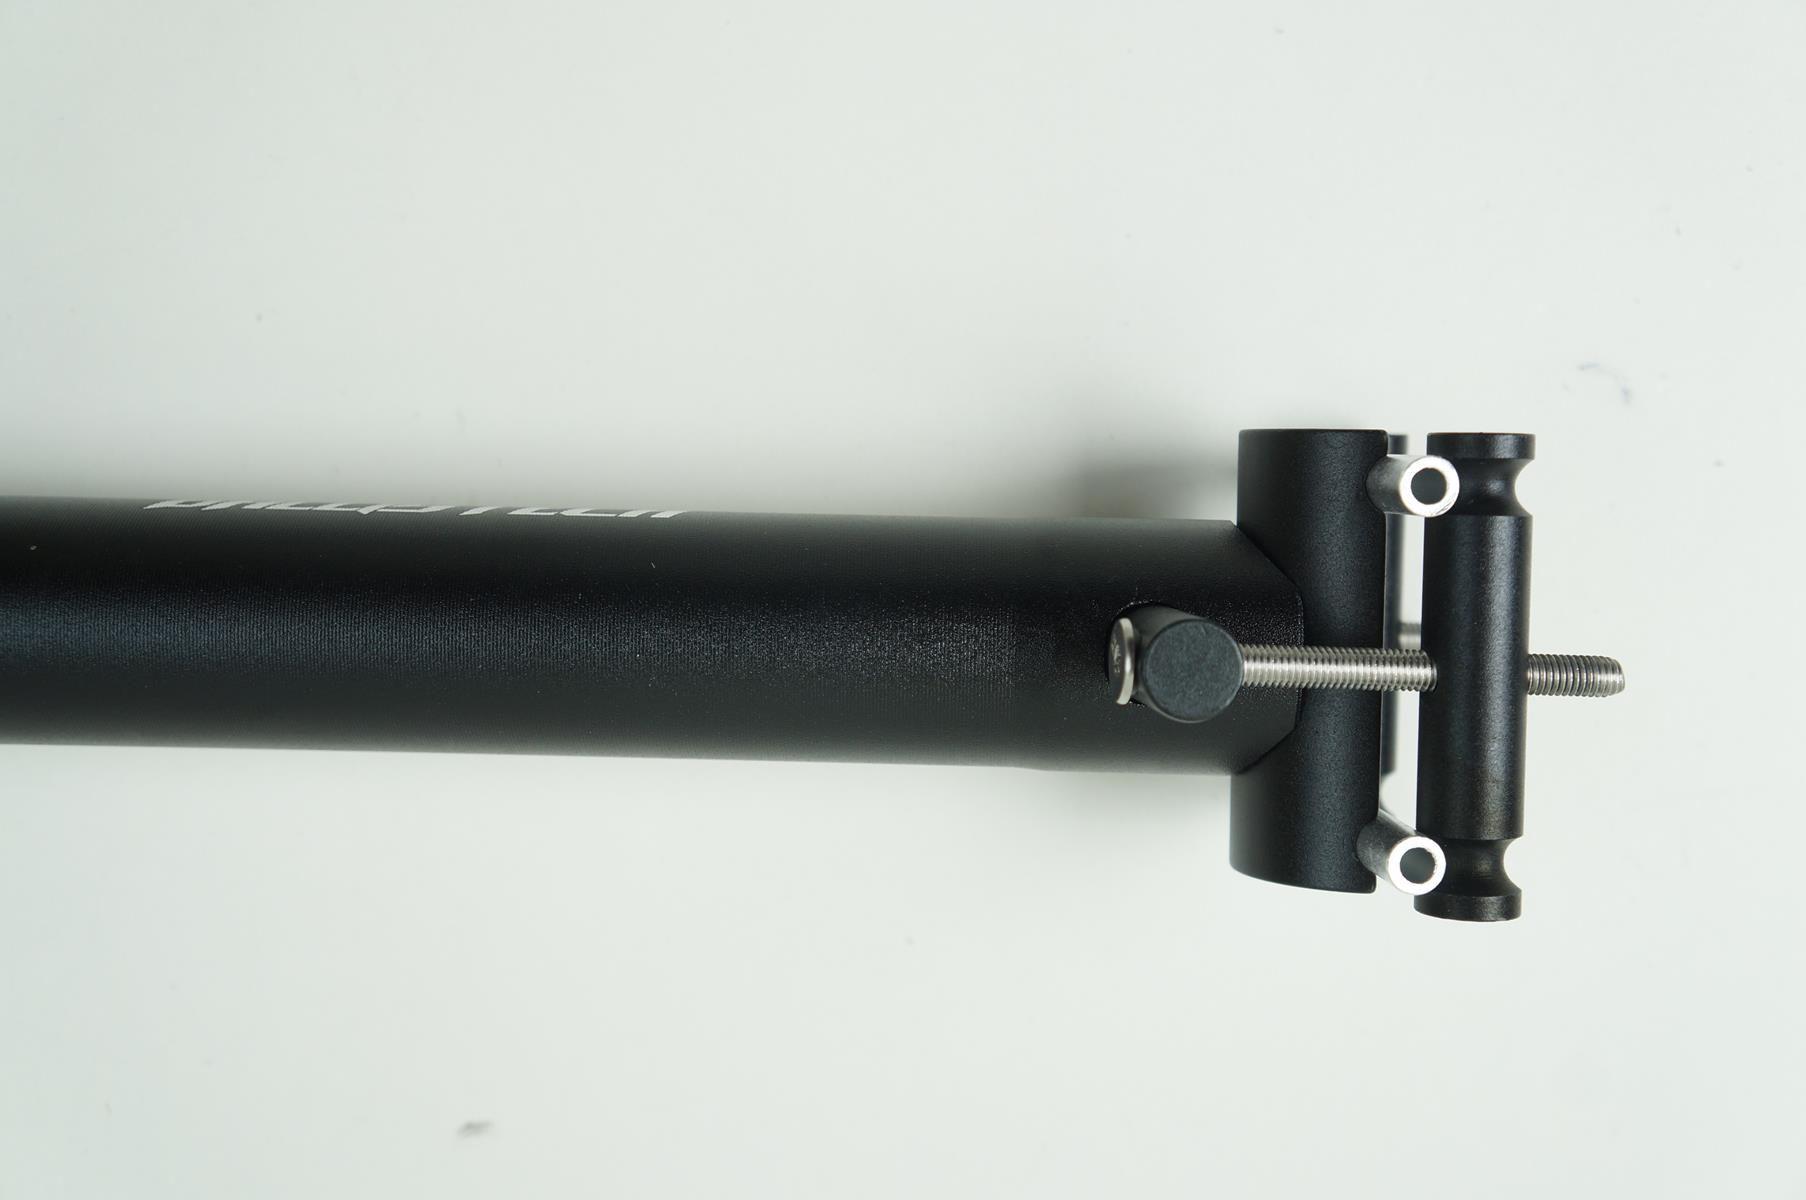 Canote Selim Vicinitech 31.6 400mm com Microajuste cor Preto 265 gramas